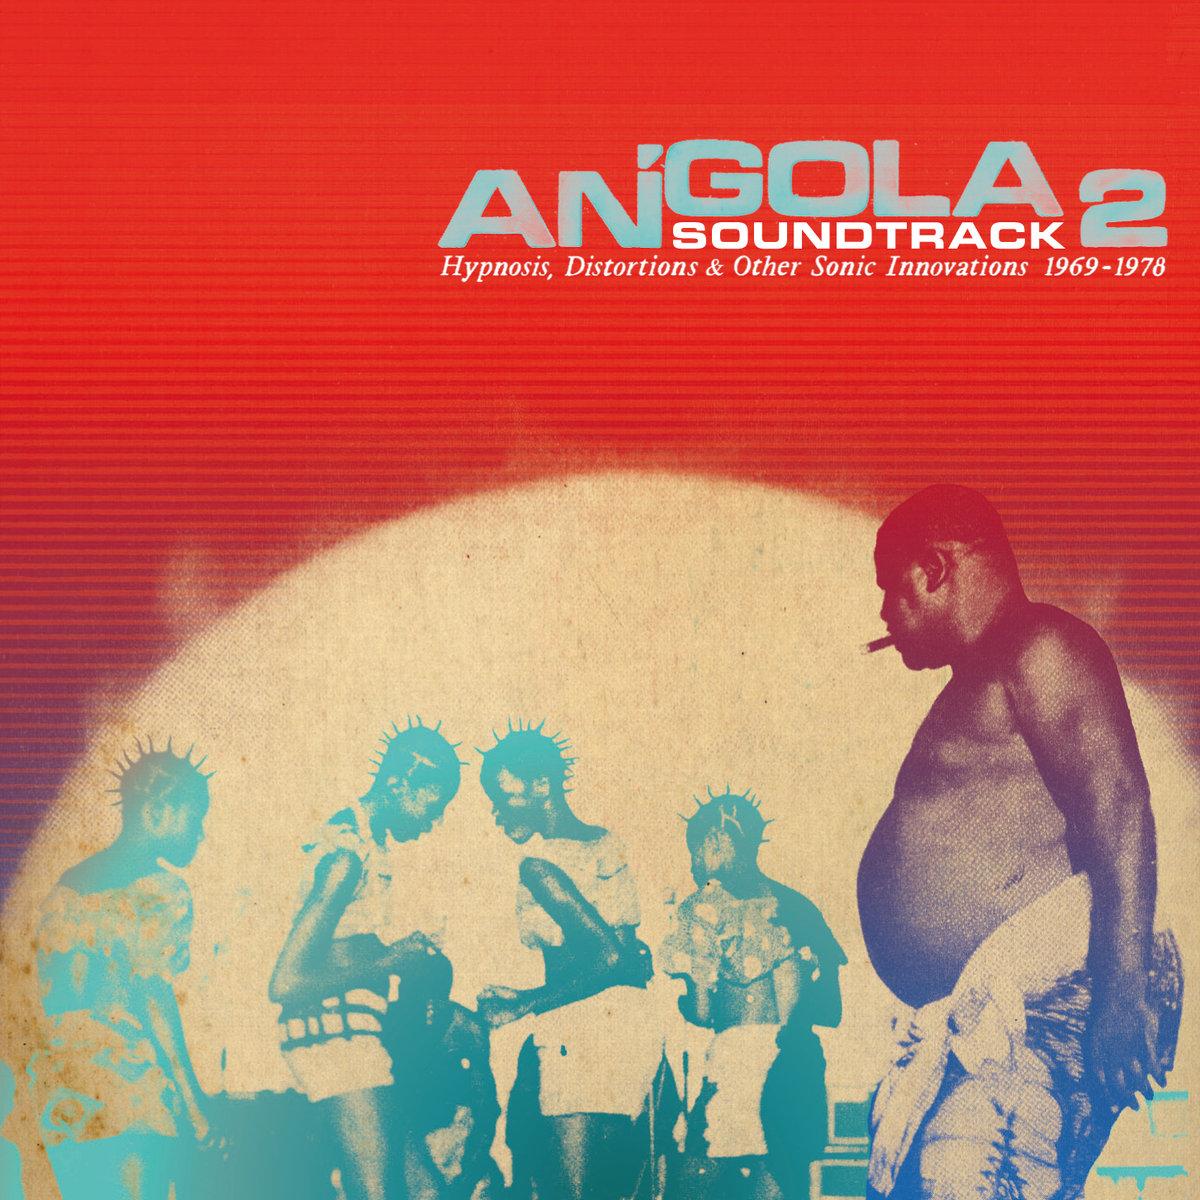 avante juventude - angola 2